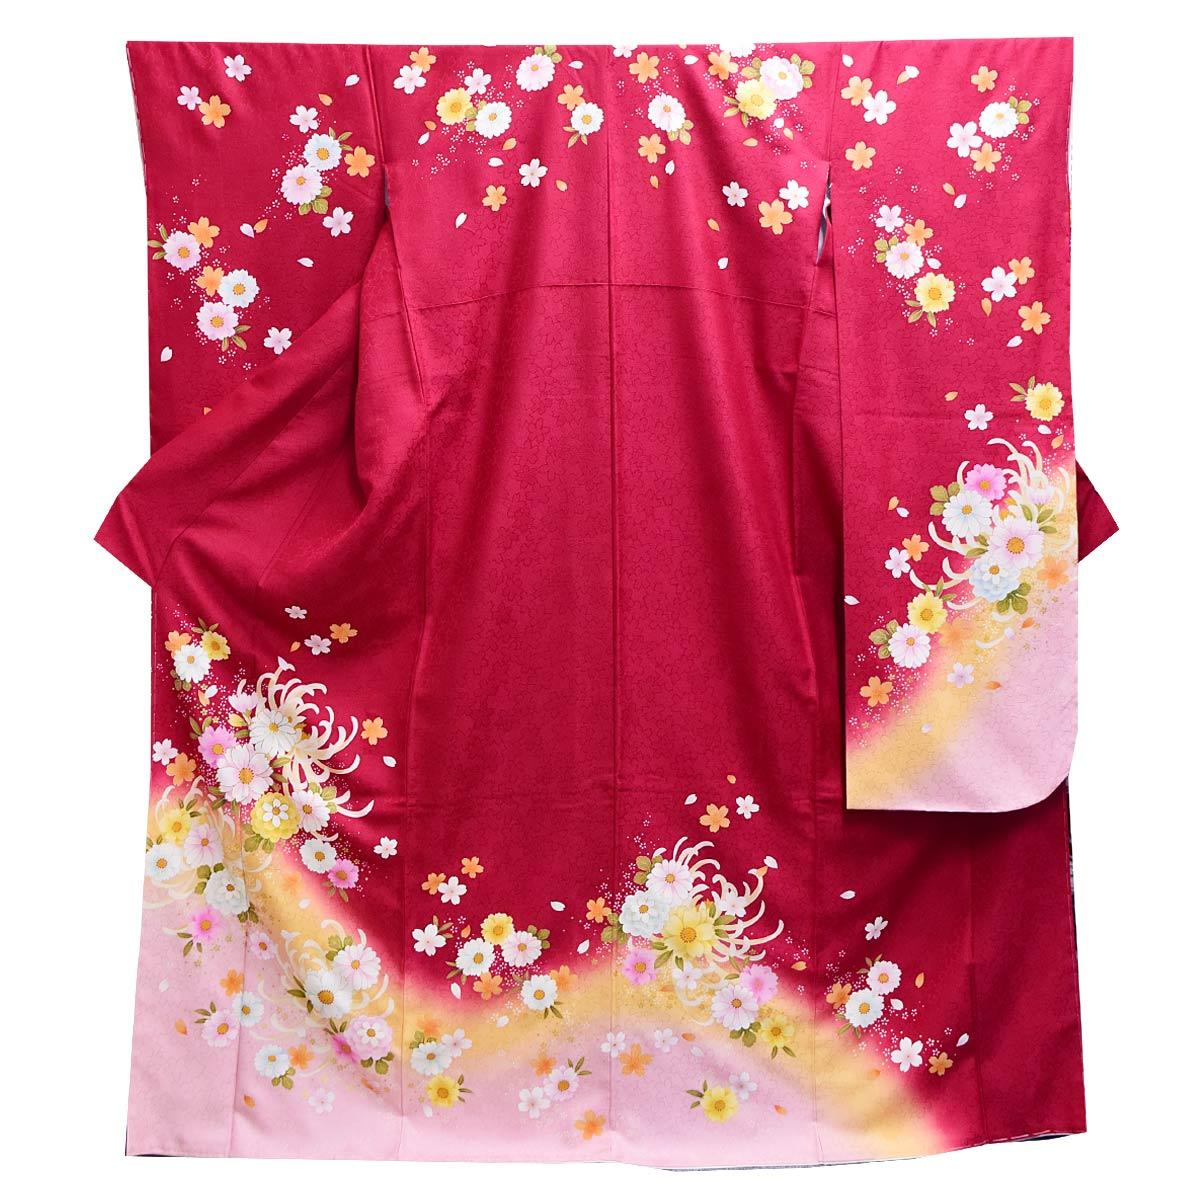 高級 仕立て上がり 振袖 単品成人式 結婚式 パーティー 礼装 赤 ピンク 花柄番号d401-11